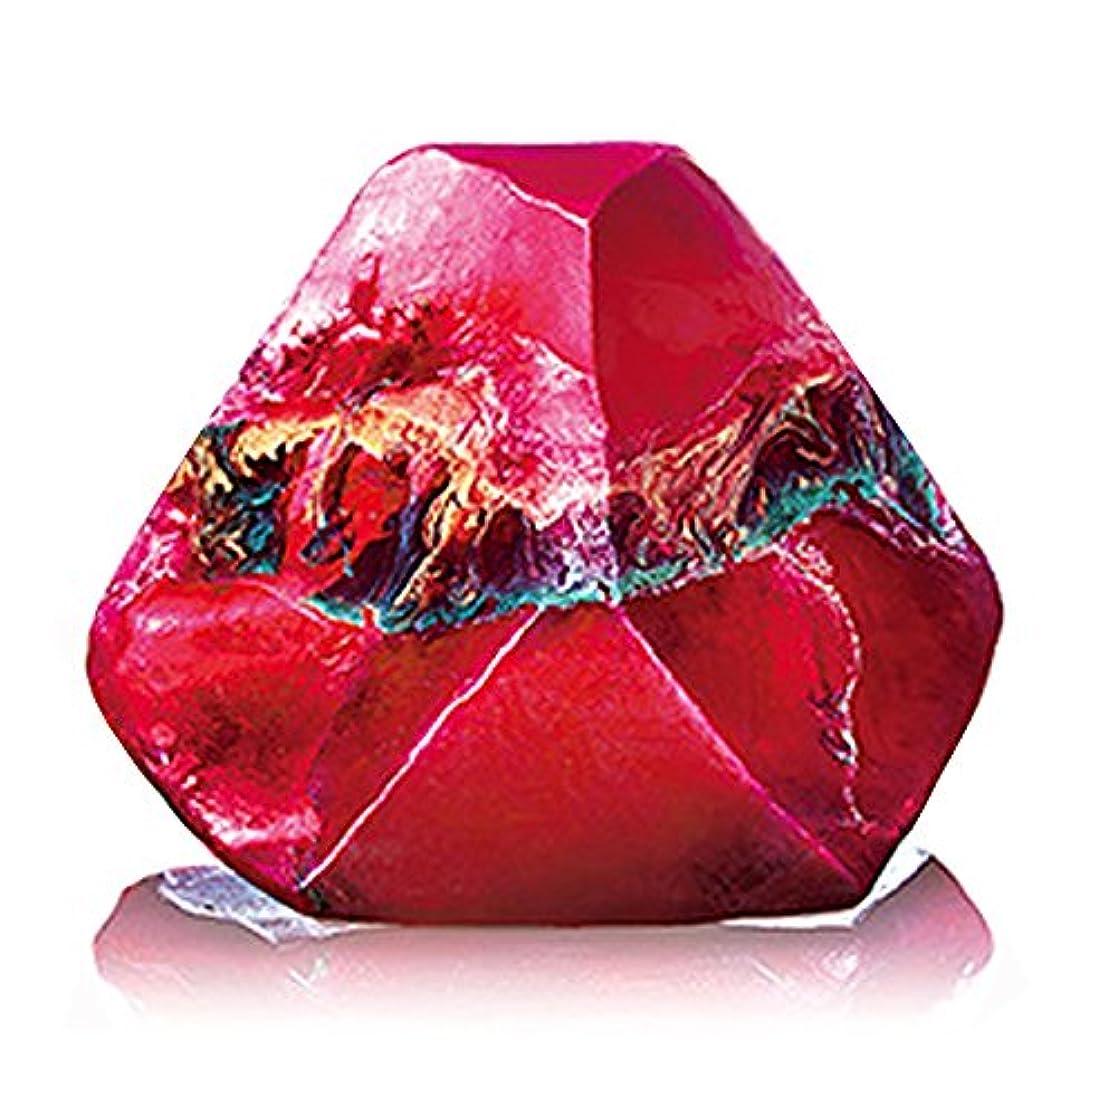 殉教者遊び場観光に行くSavons Gemme サボンジェム 世界で一番美しい宝石石鹸 フレグランス ソープ ガーネット ミニ 114g